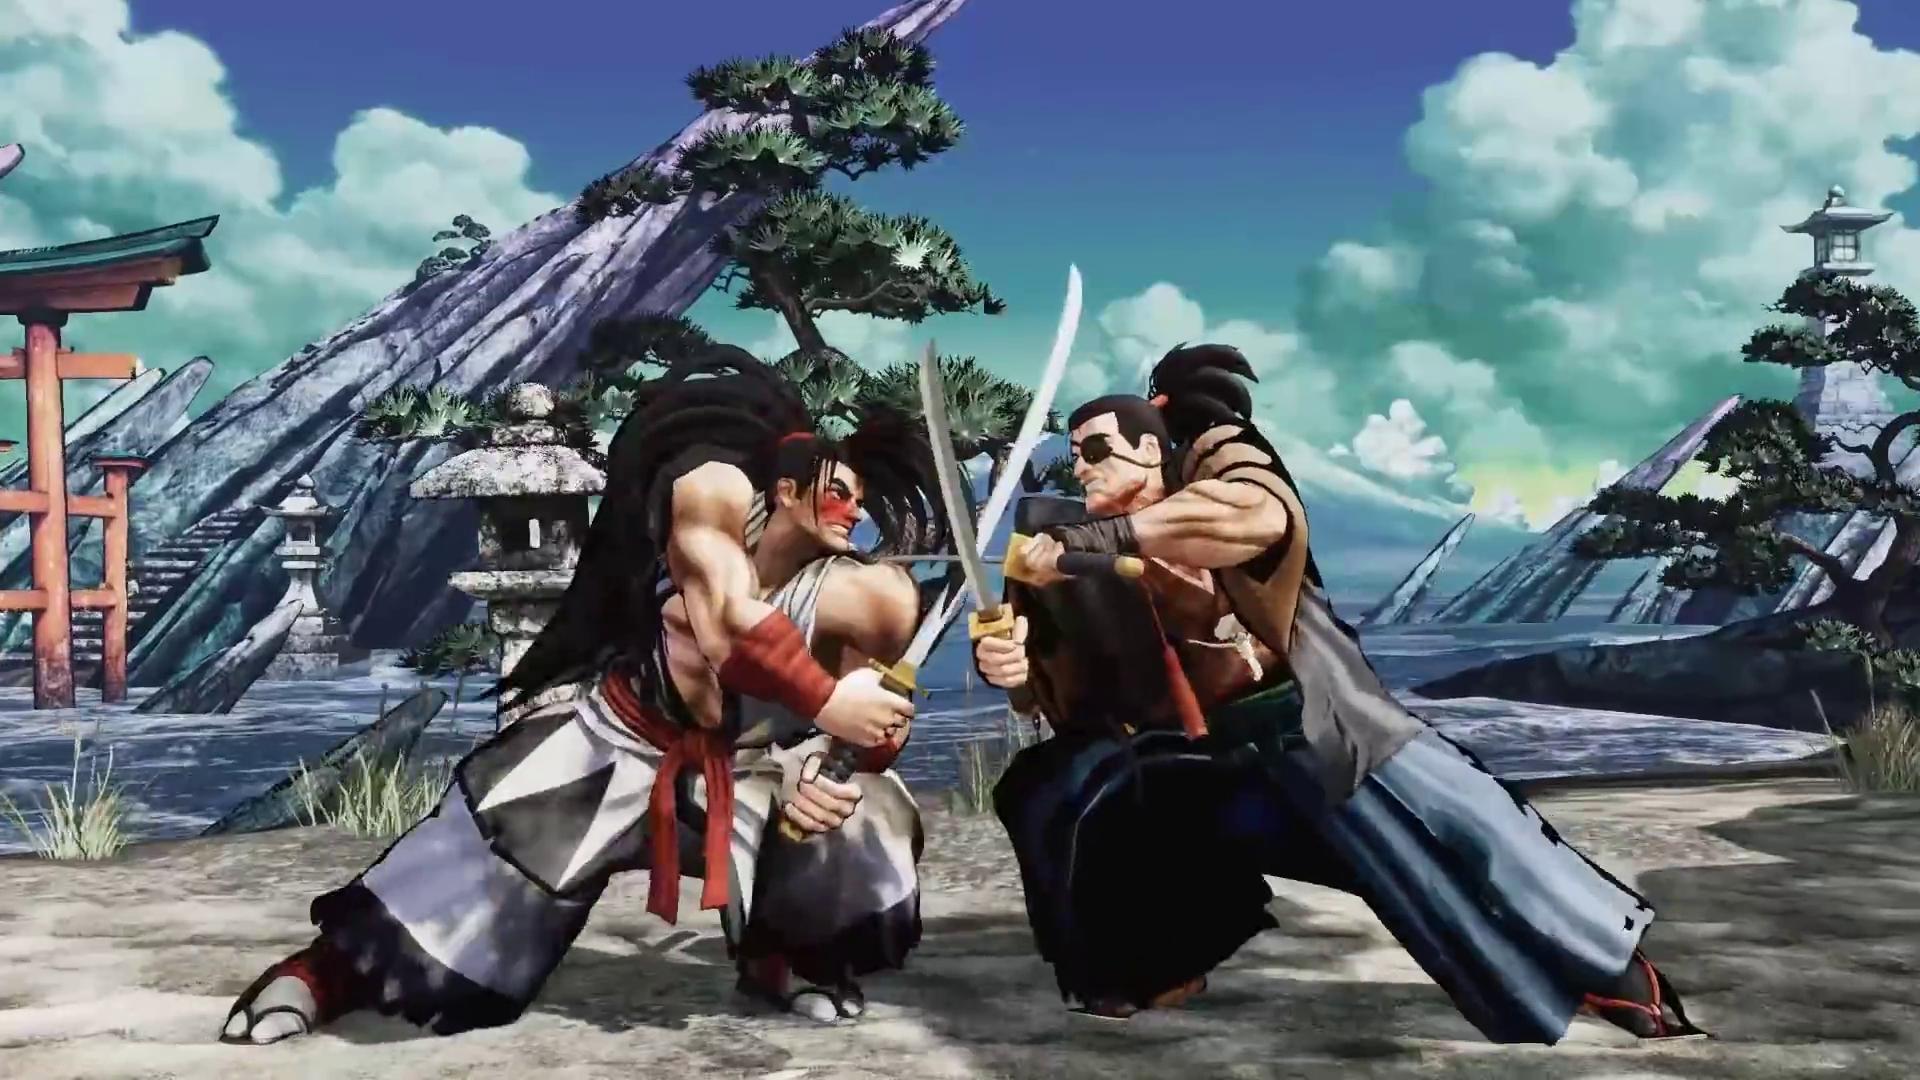 SNK svela la data di lancio del nuovo Samurai Shodown